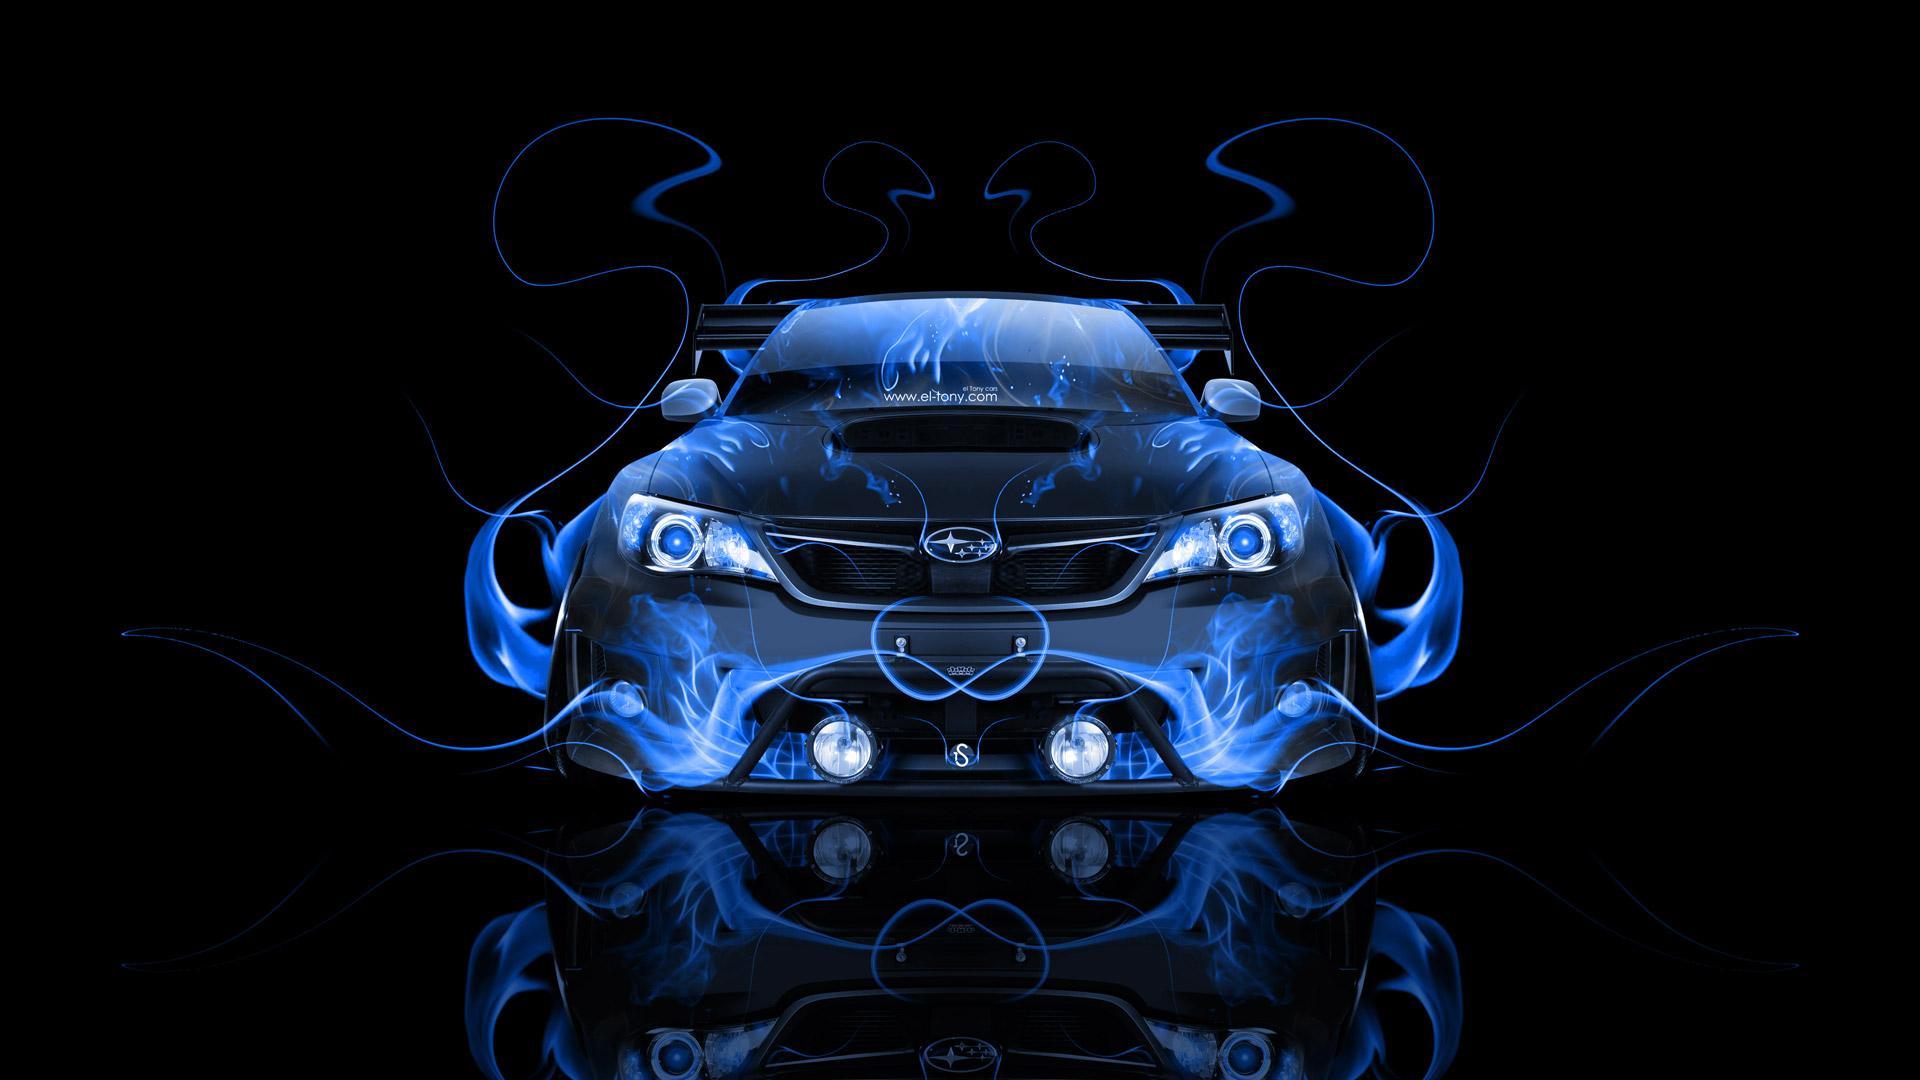 Subaru impreza wrx sti desktop wallpaper